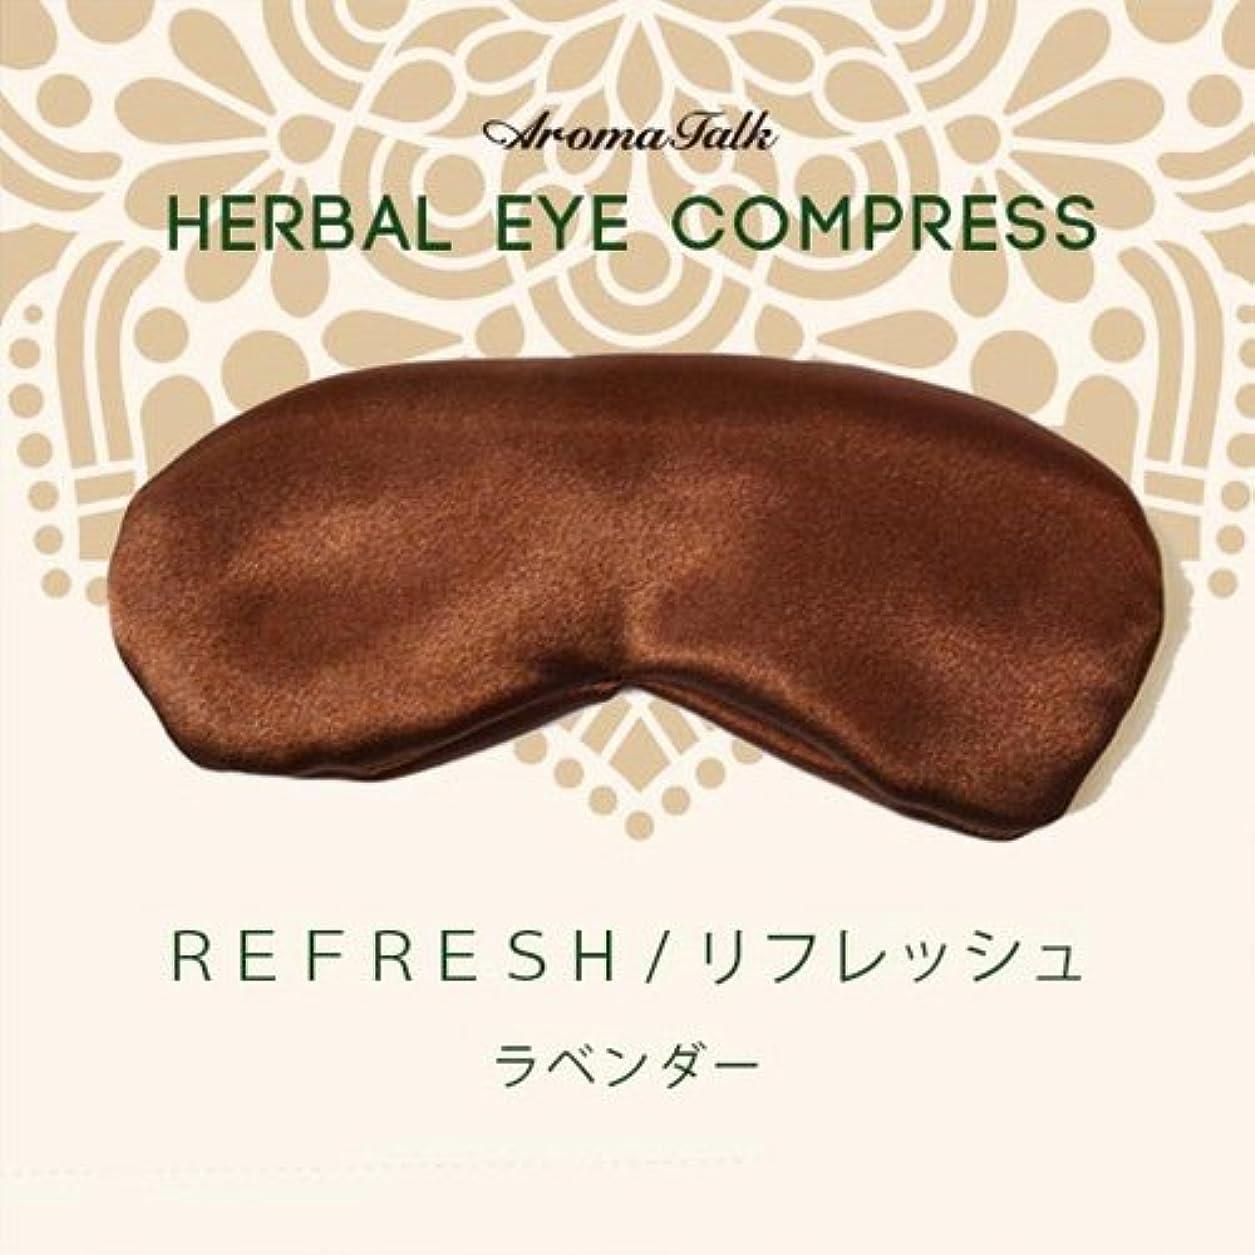 証明ベーコンサイクロプスハーバルアイコンプレス「リフレッシュ」茶/ラベンダーの爽やかなリラックスできる香り